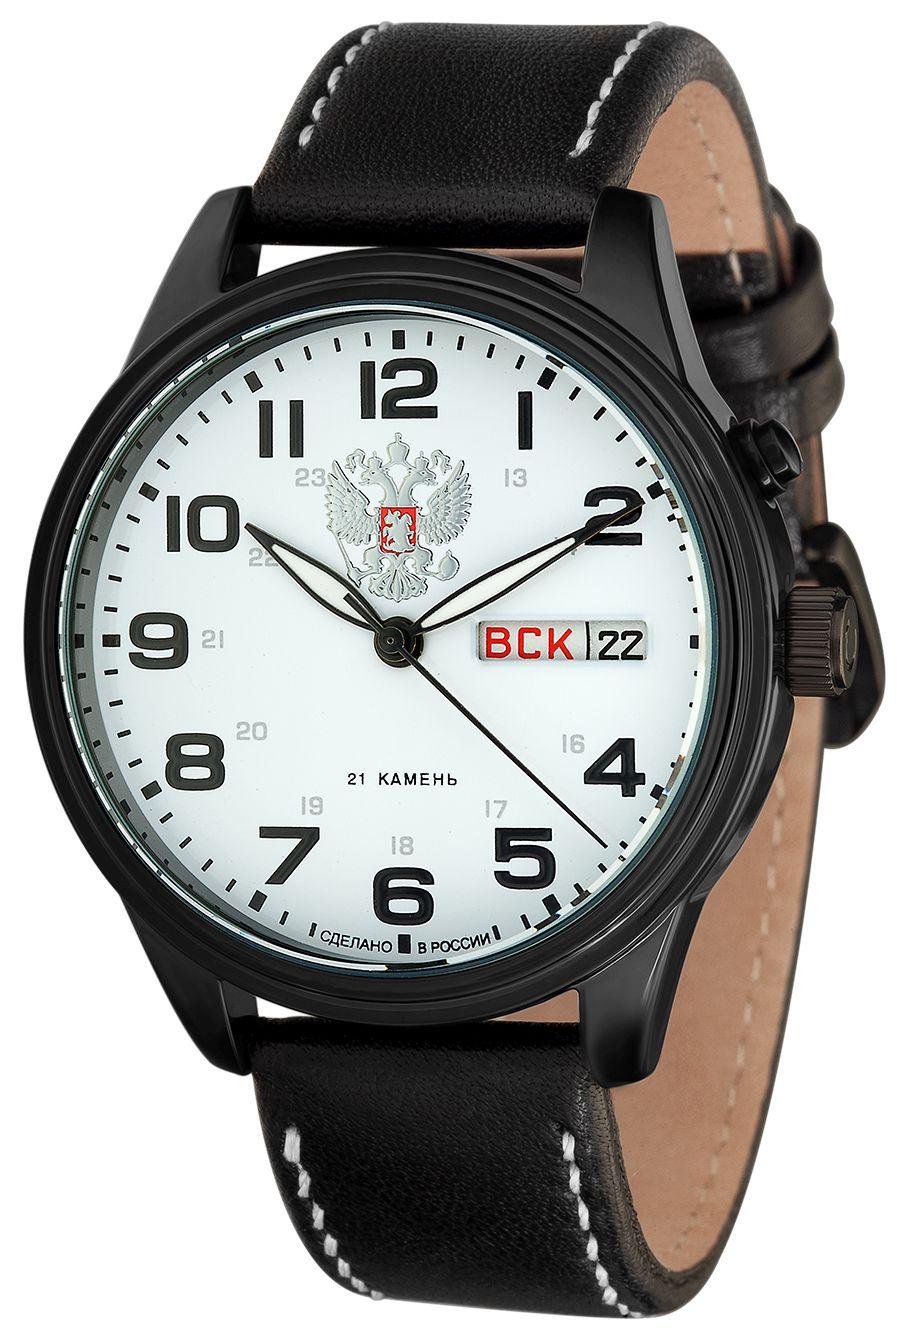 Наручные механические часы Слава 1244020/300-2428 фото